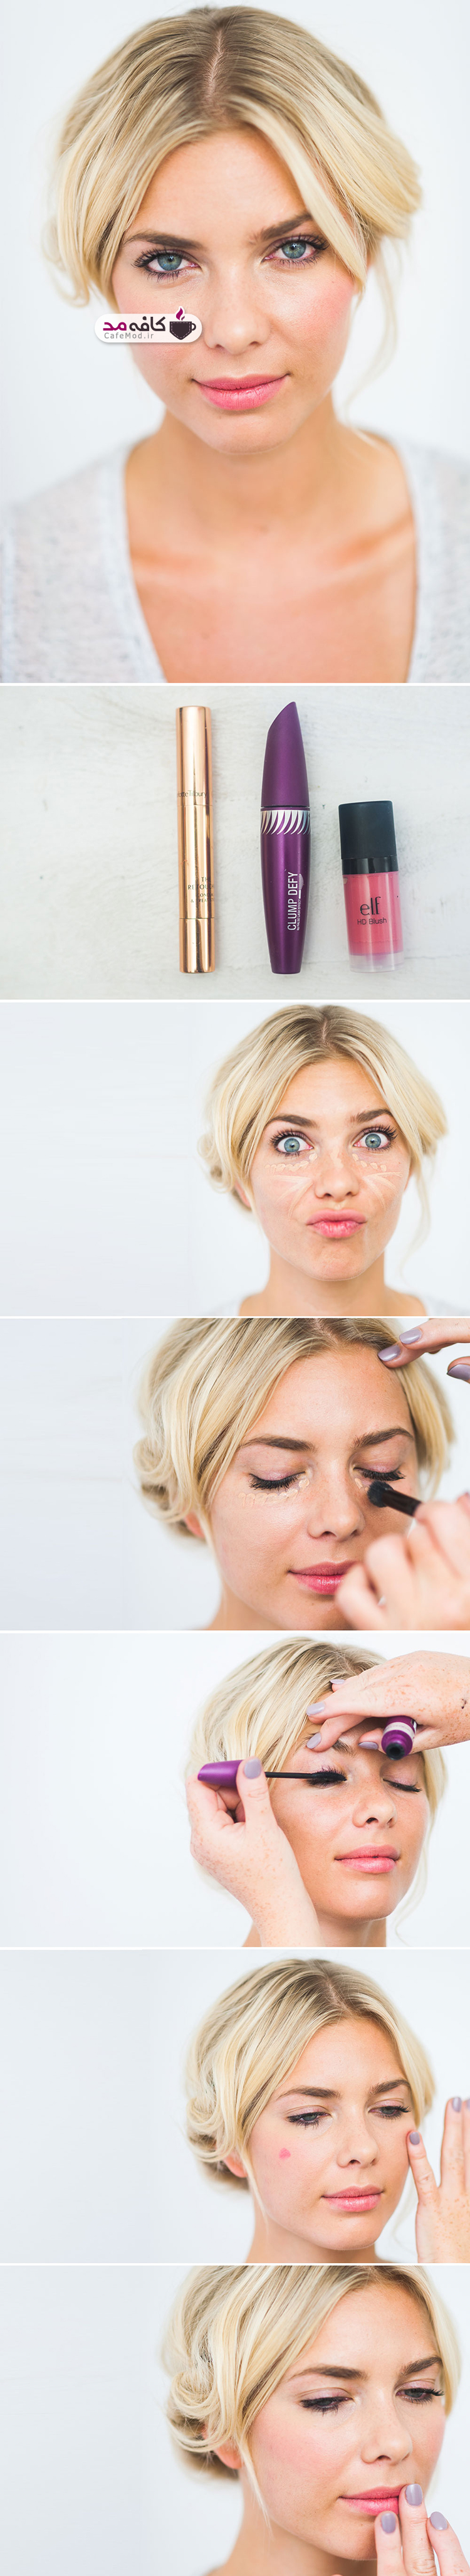 آموزش آرایش ملایم صورت با سه وسیله